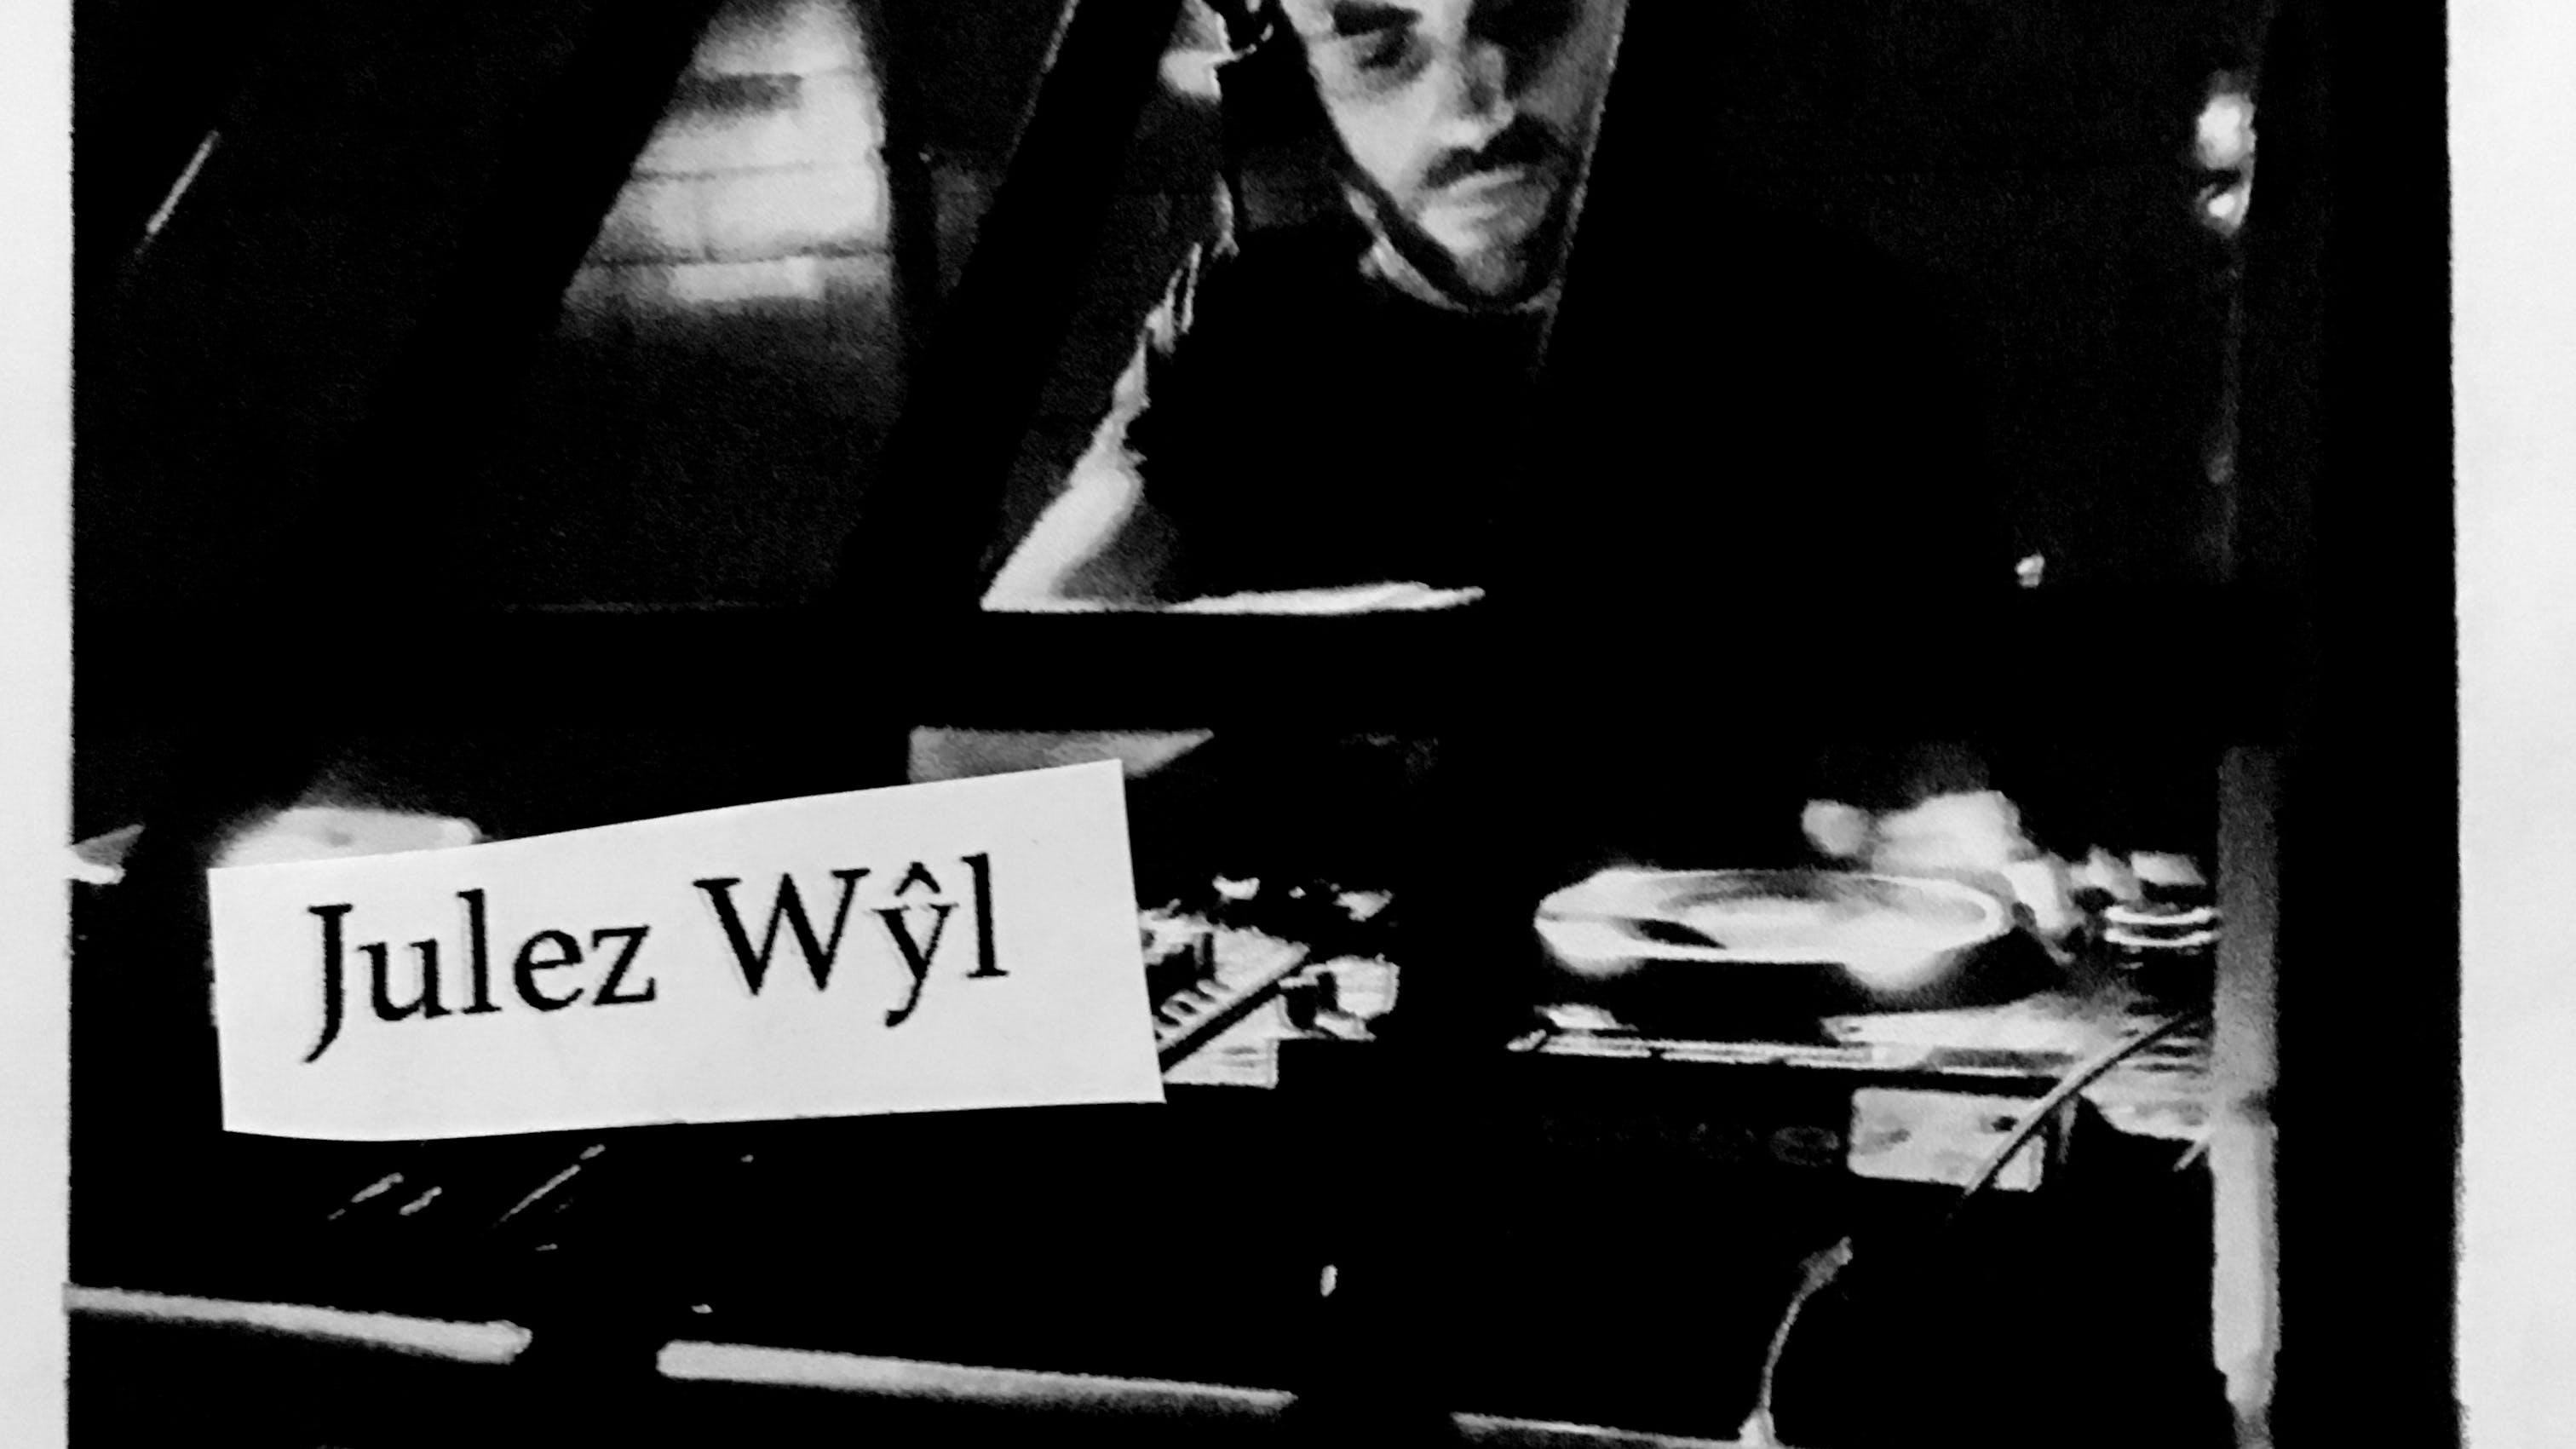 Choose Your Weapons: Julez Wŷl